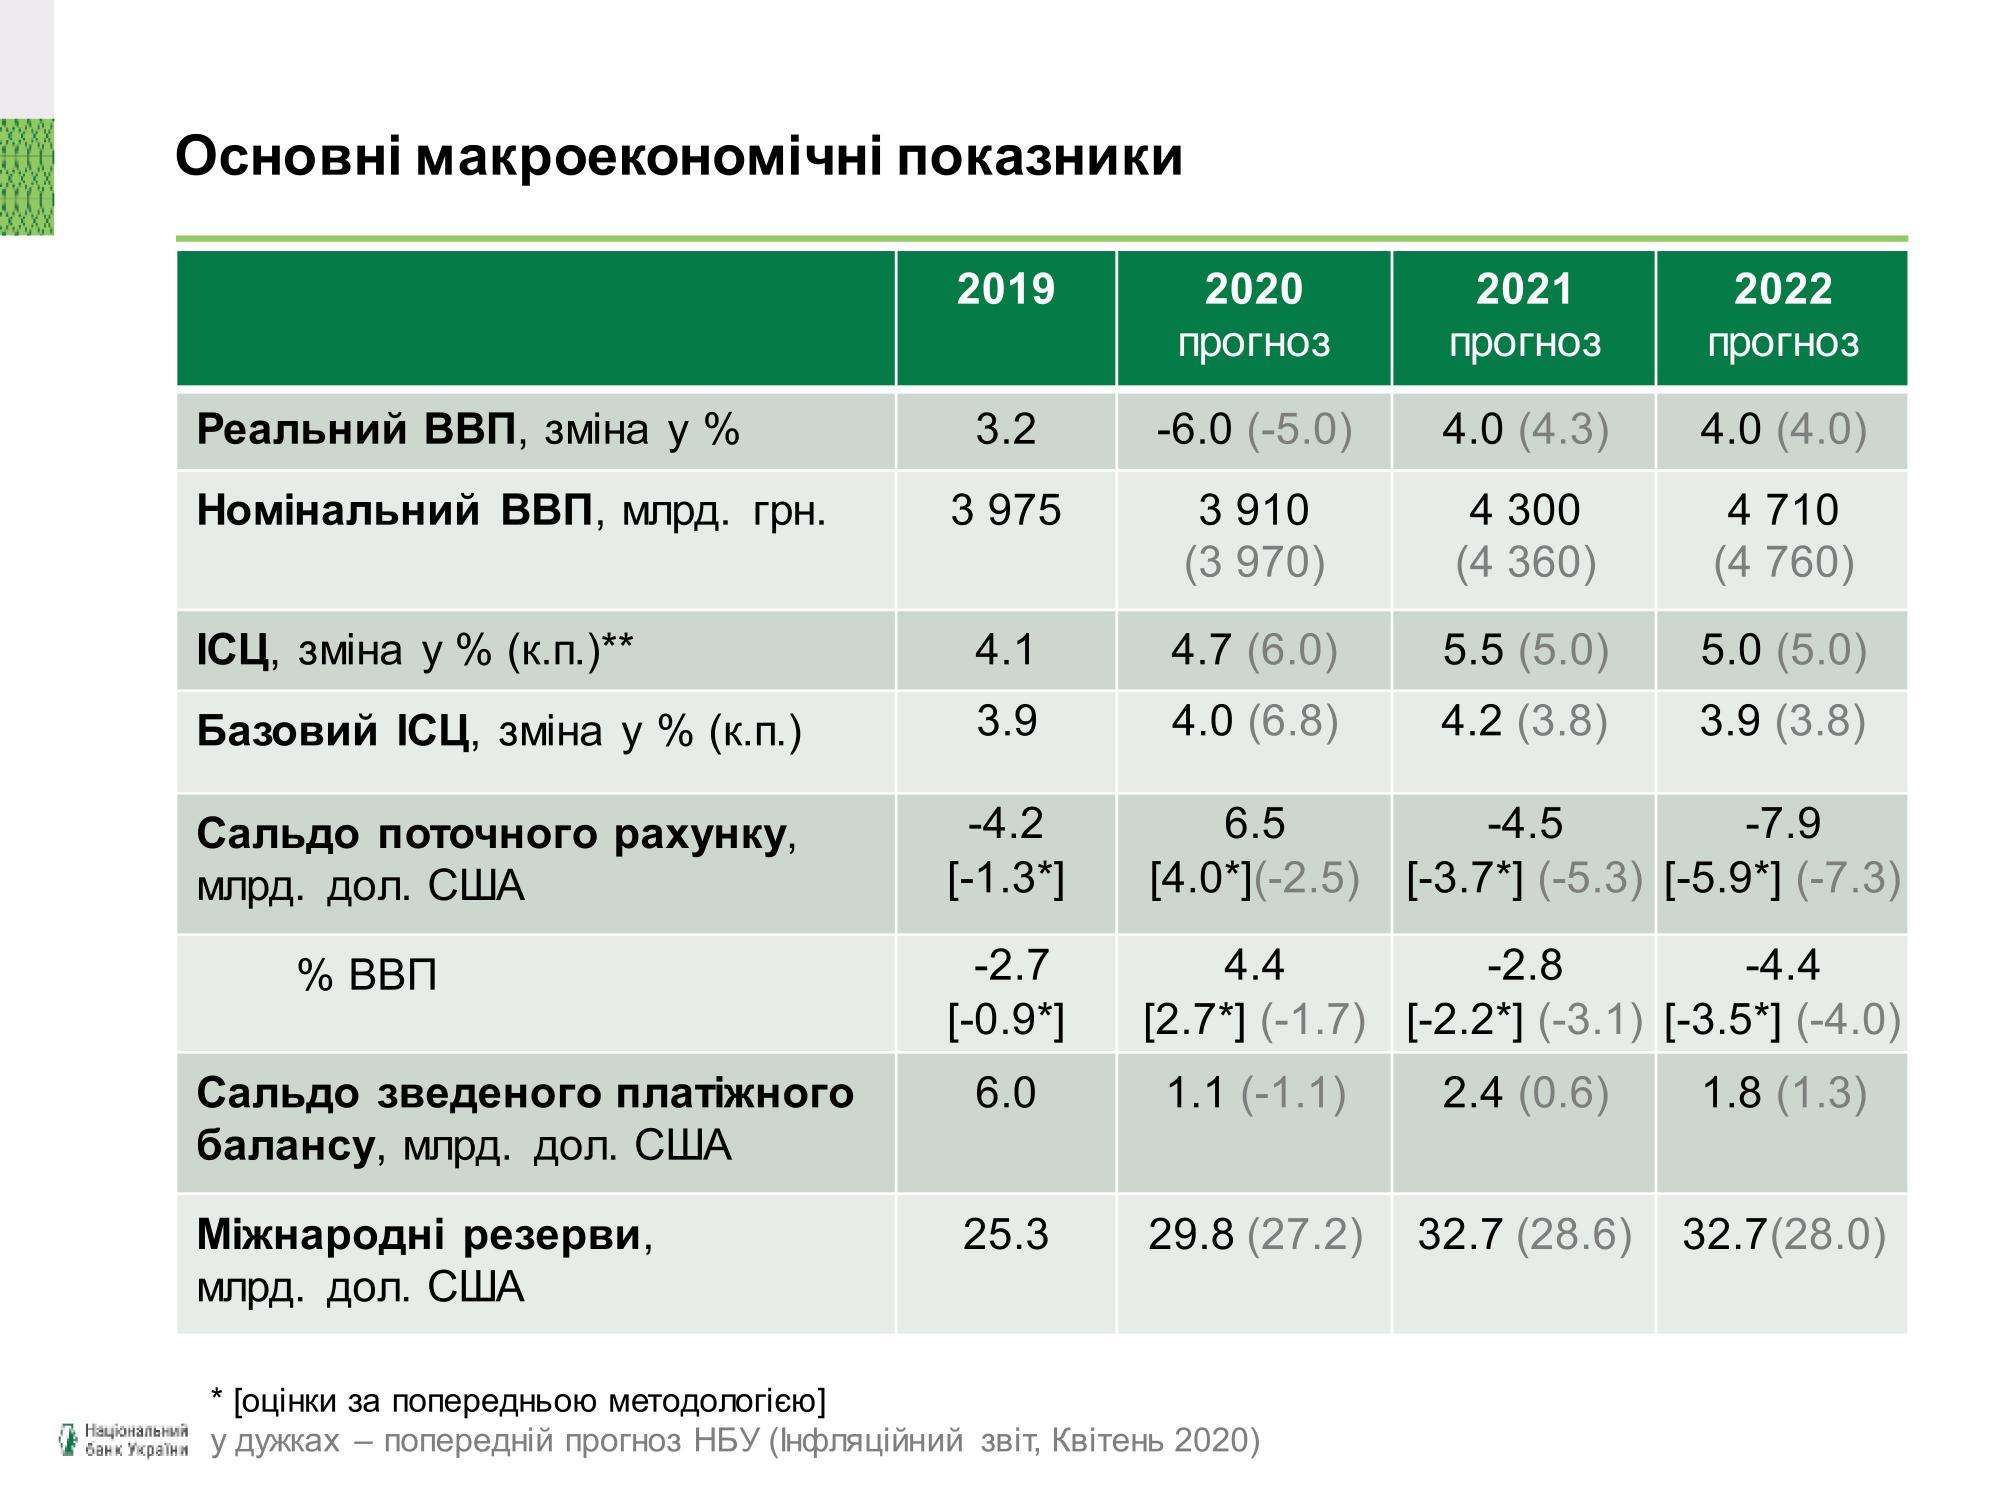 НБУ улучшил прогноз по инфляции